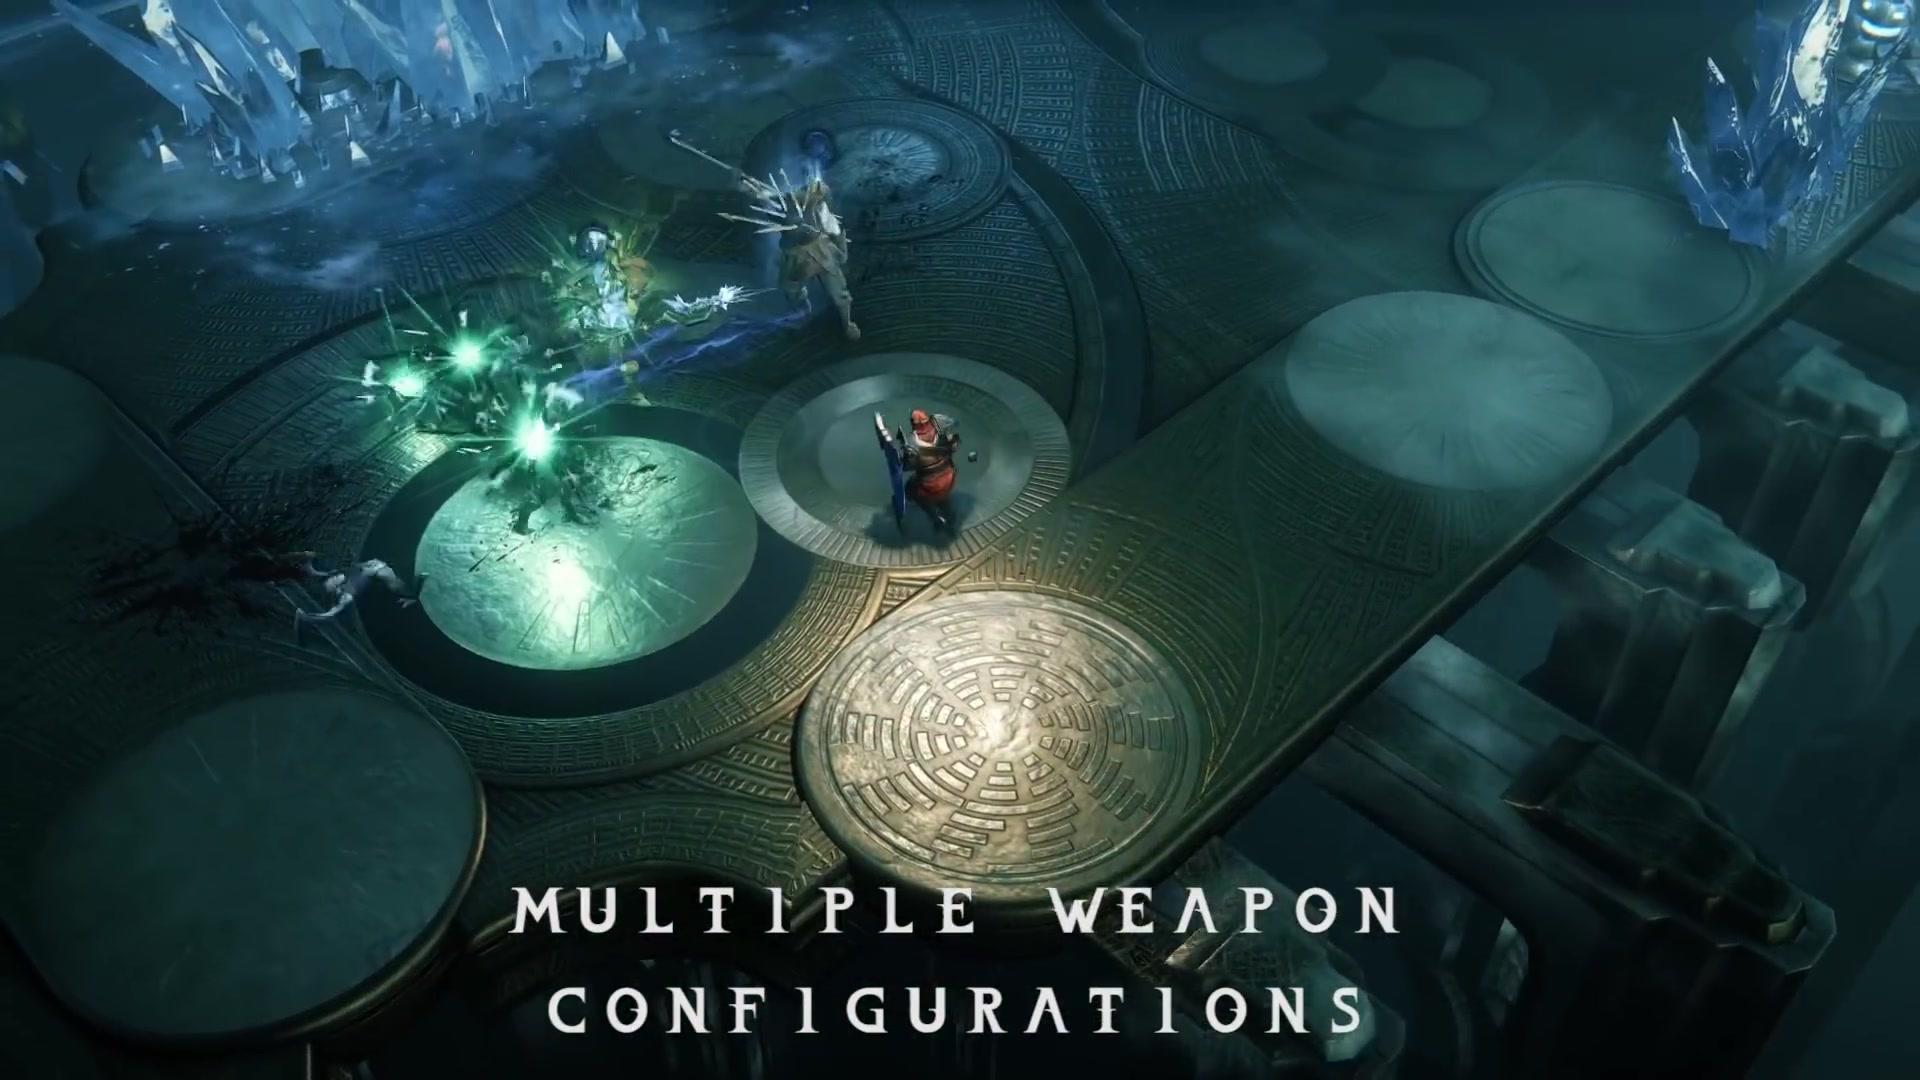 CE引擎ARPG《破坏领主》公布beta版实机游戏演示